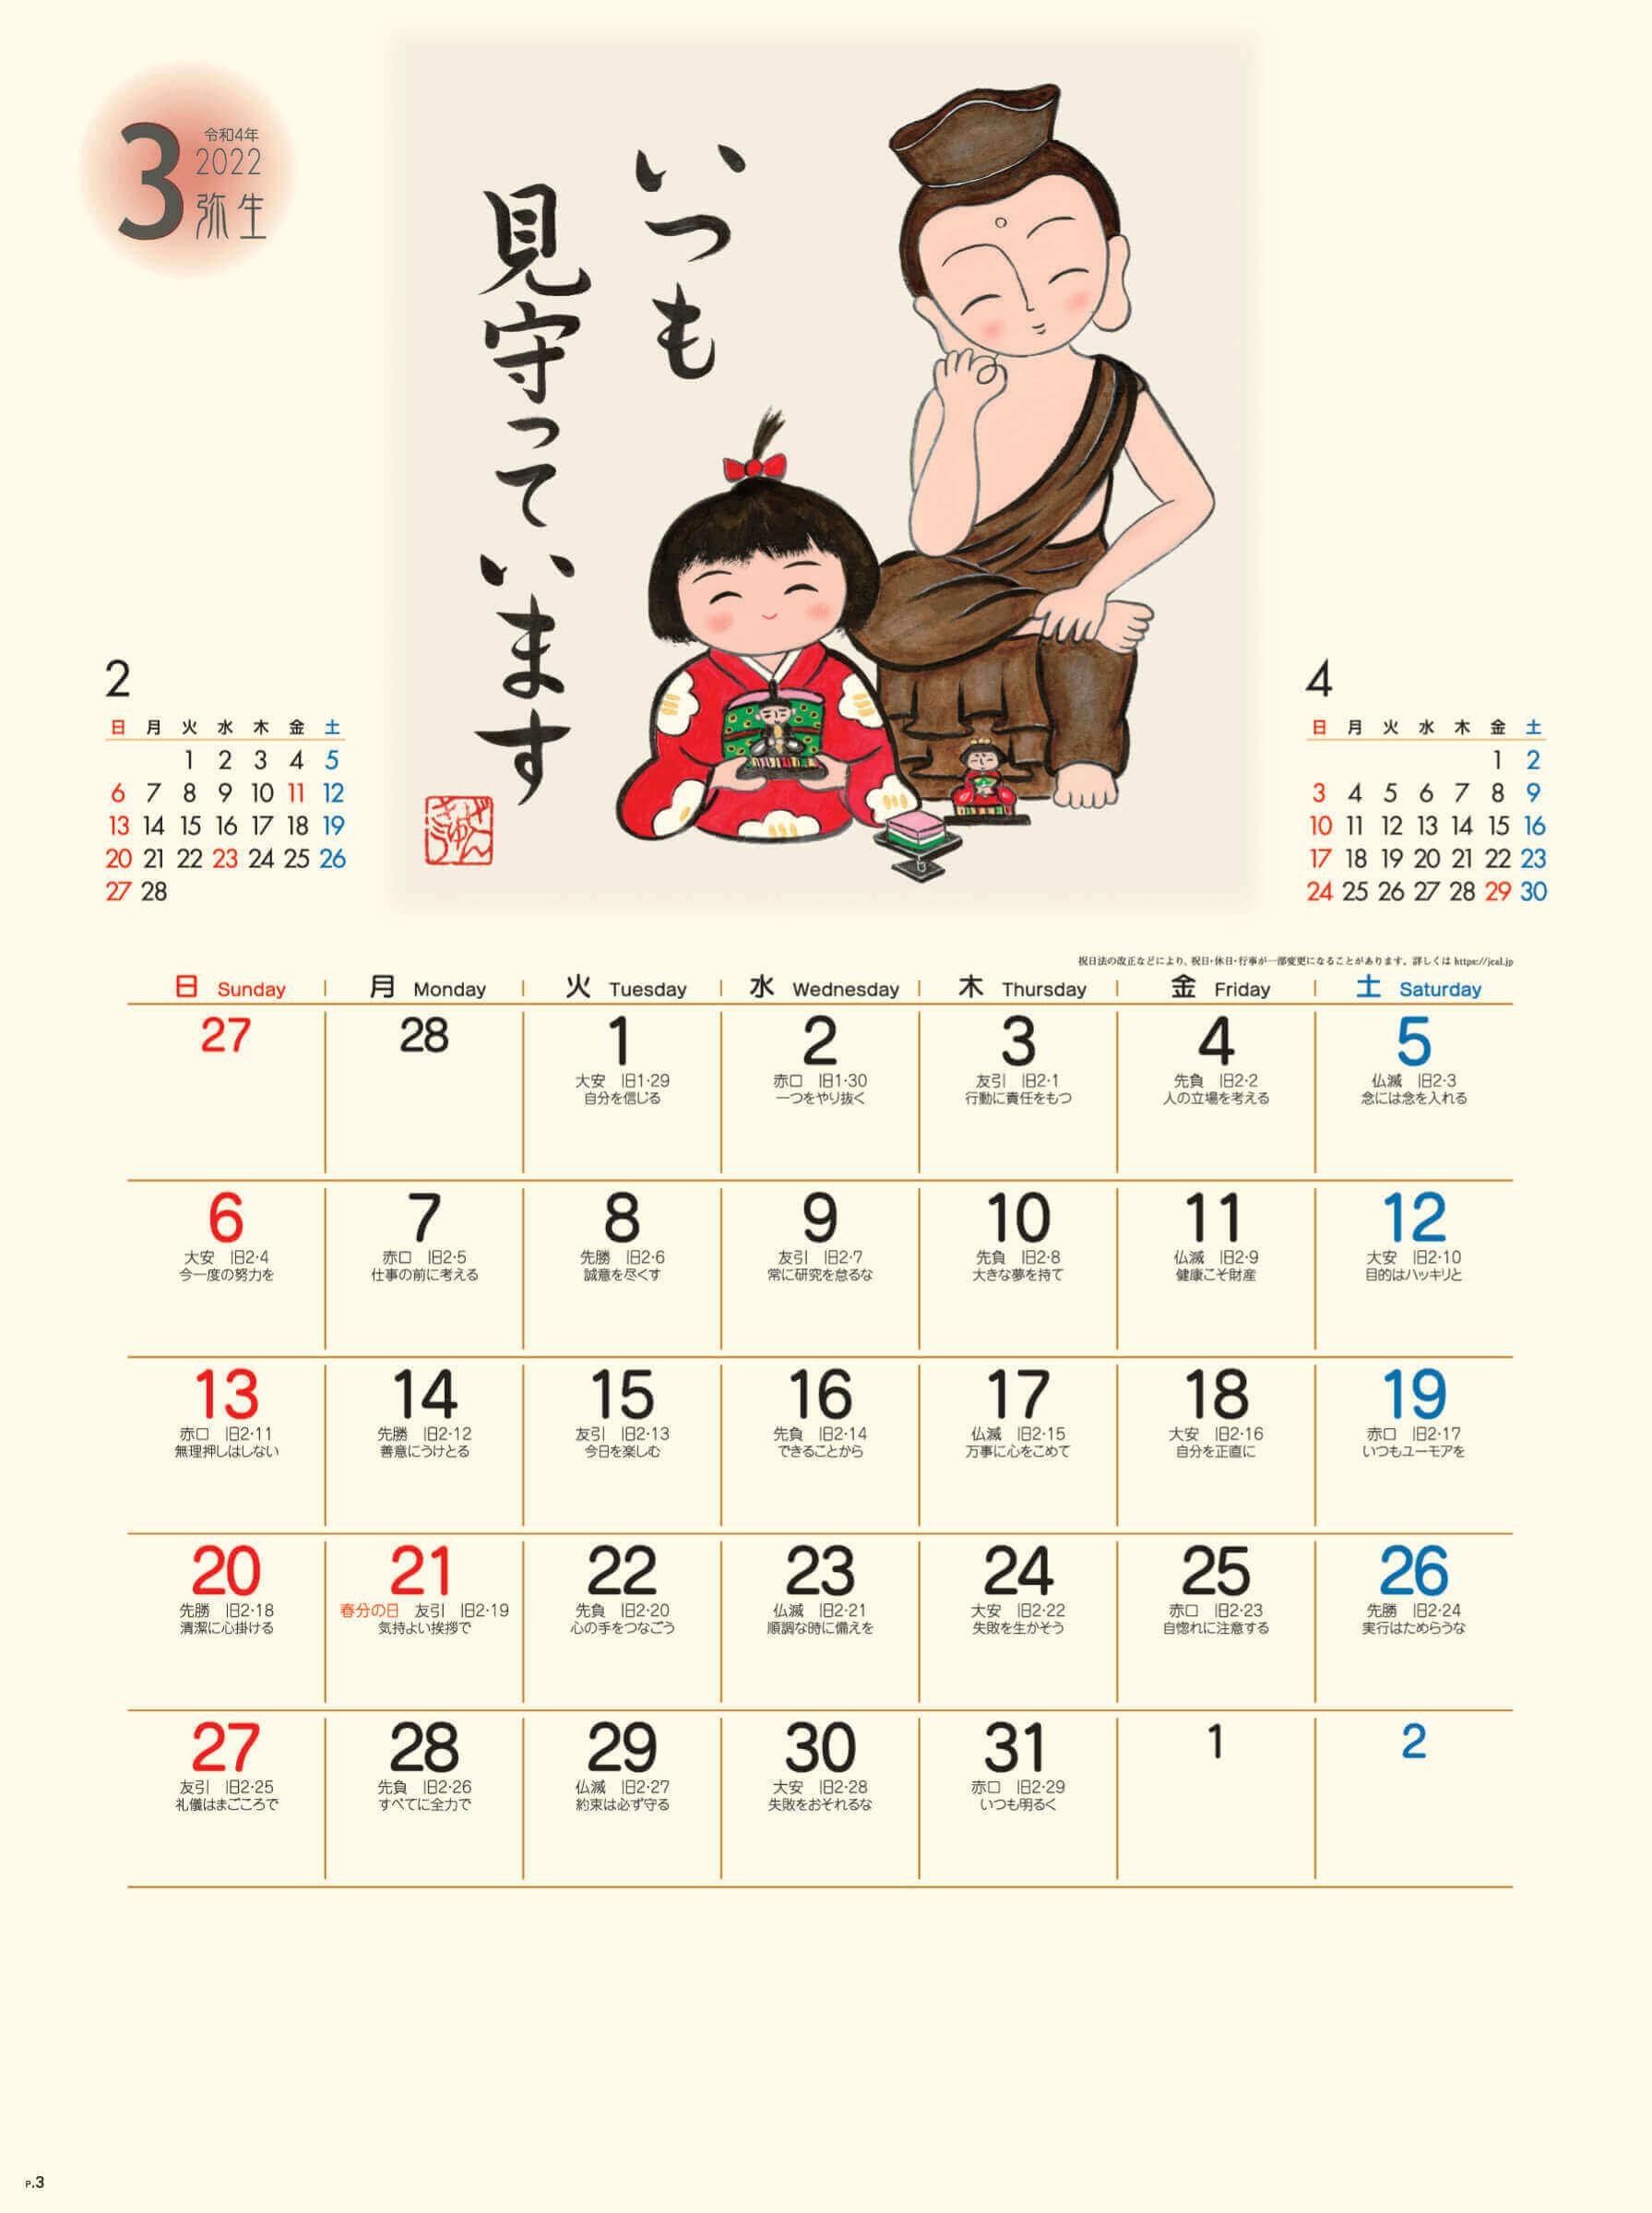 ぜんきゅう 2022年カレンダーの画像